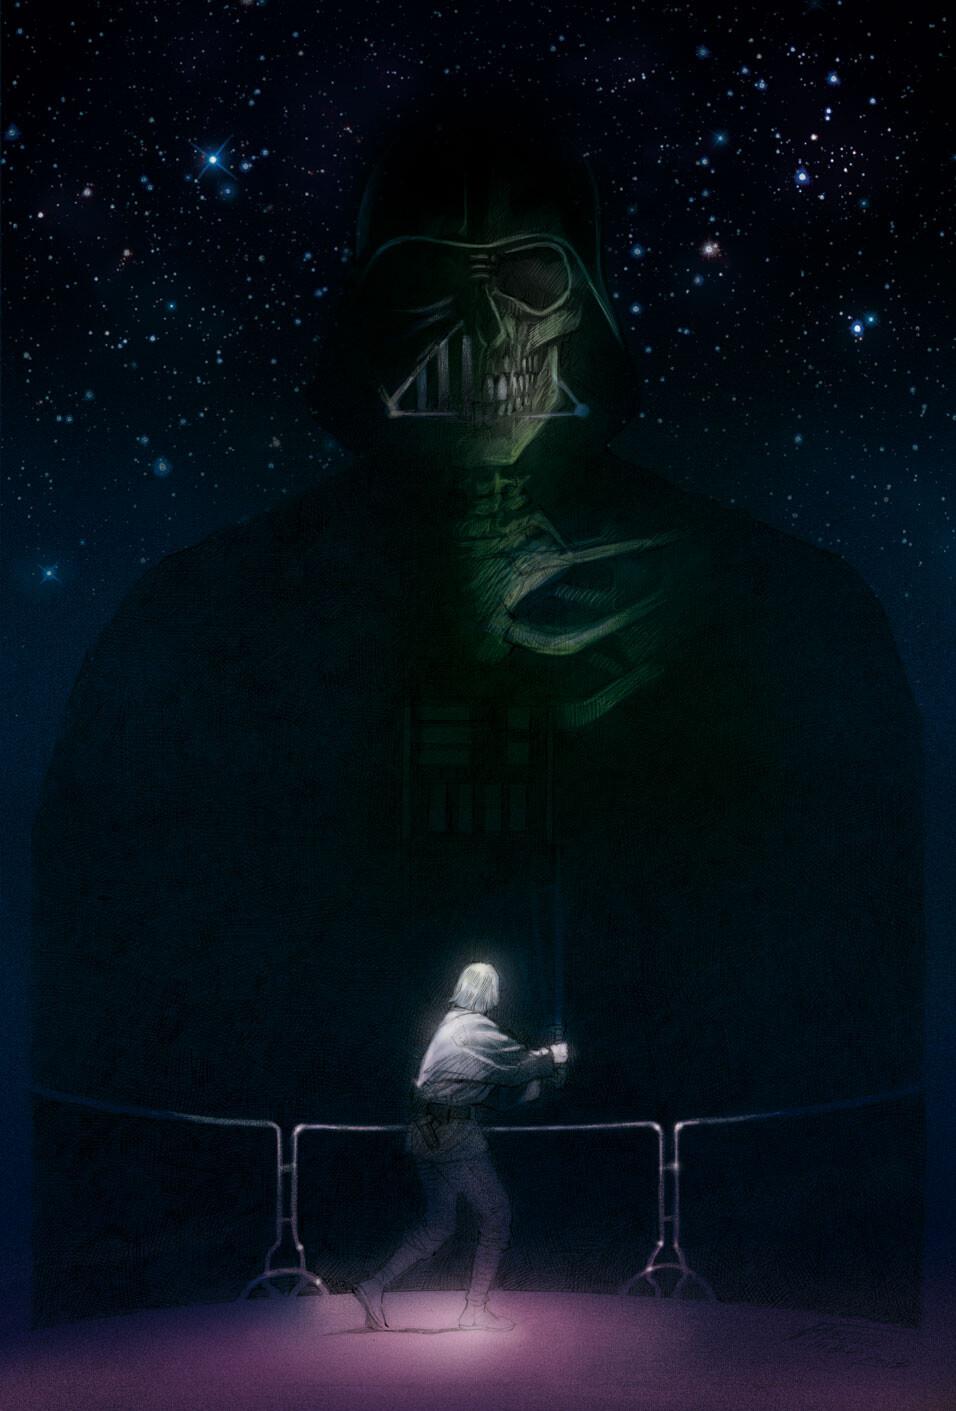 Fan art - Illustration - Star Wars